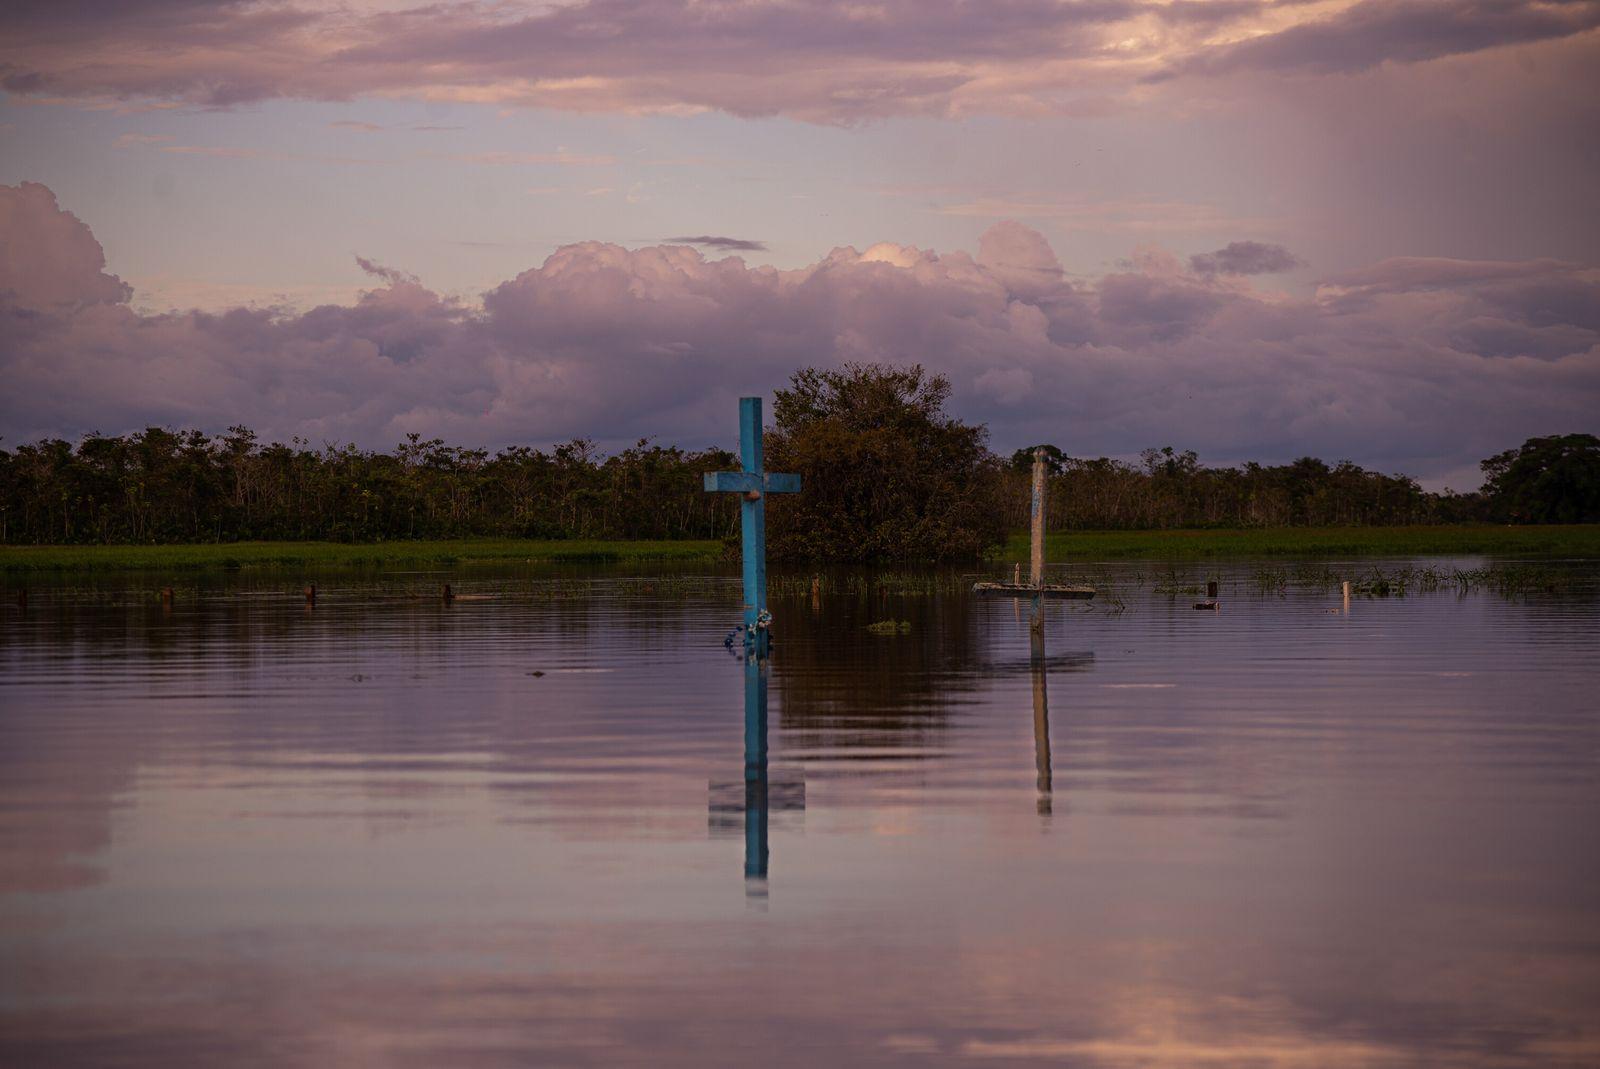 Cemitério principal da cidade de Careiro da Várzea (AM), durante a cheia da bacia do Amazonas ...